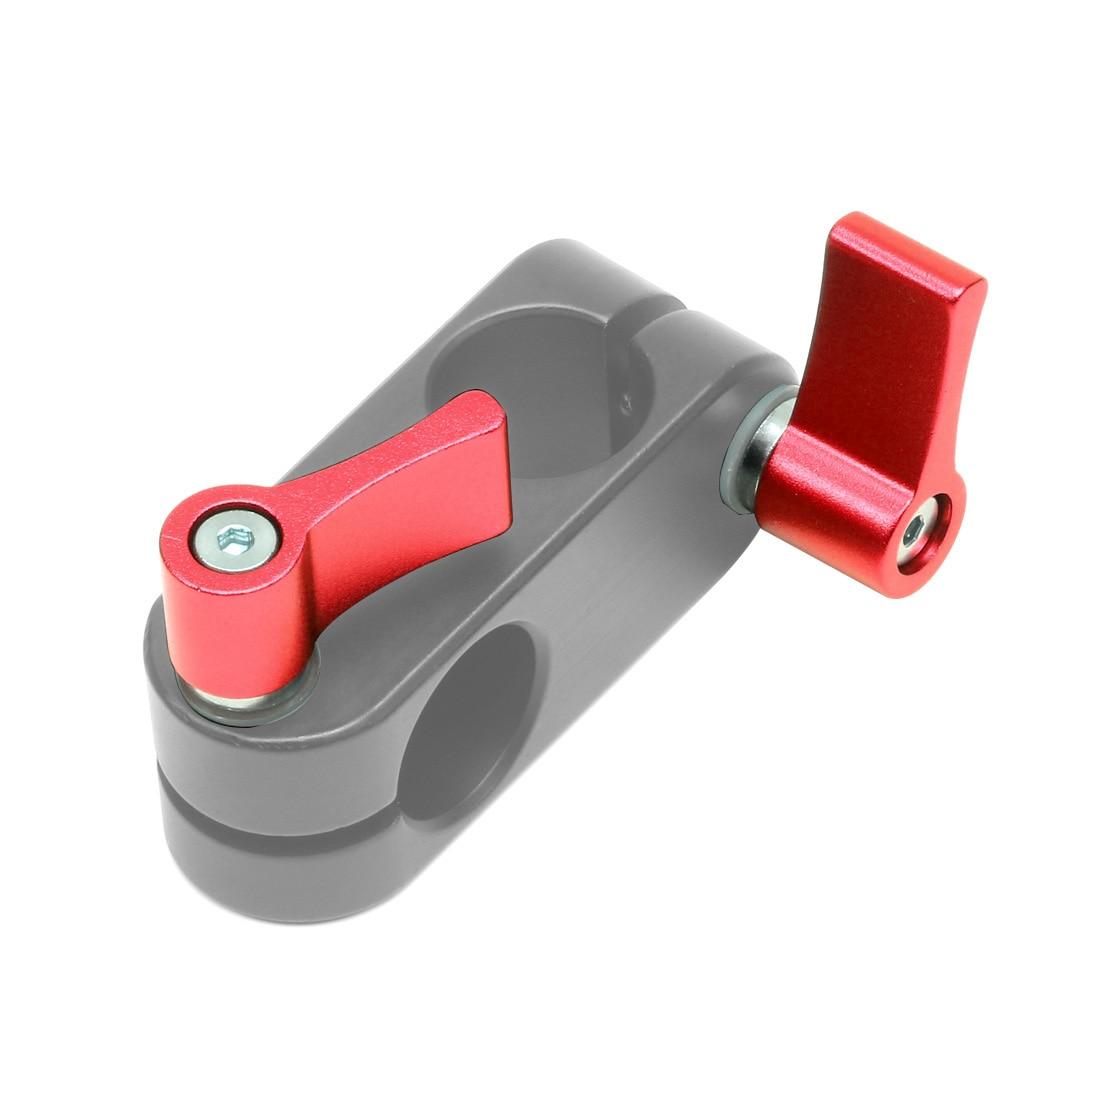 2 шт. Алюминиевые Регулируемые винты M5 M4 L-образная Регулировка затягивание фиксации 7-образная ручка винт для цифровой зеркальной фотокамер...